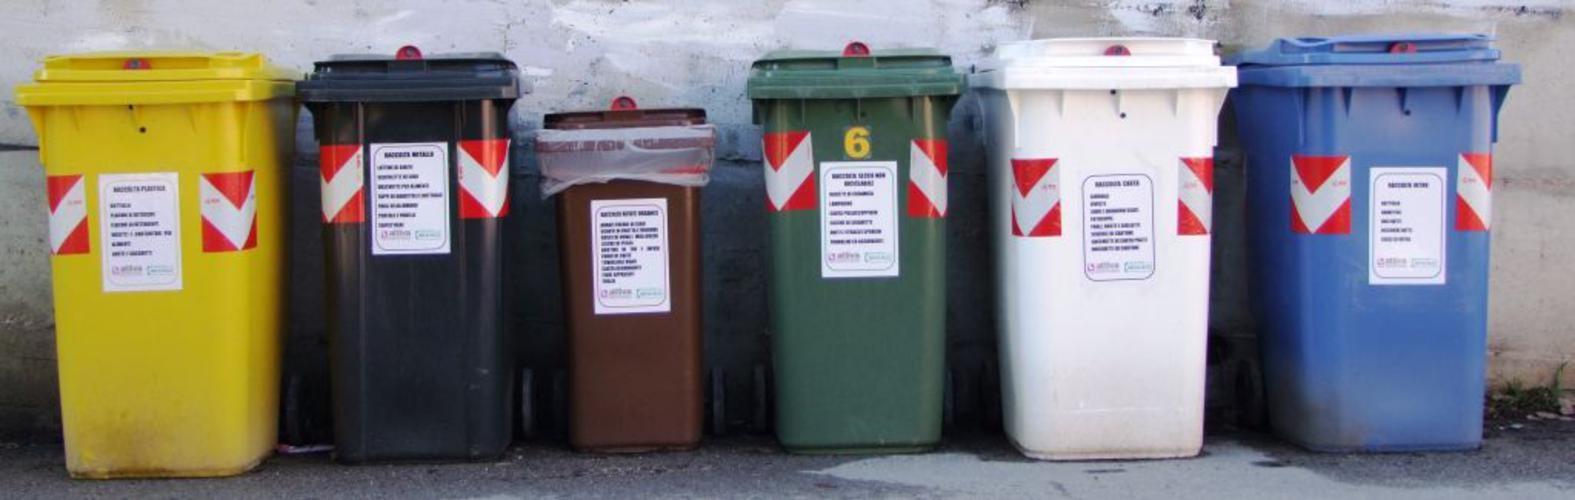 Box Per Bidoni Spazzatura pochi impianti per la gestione di rifiuti, slitta il porta a